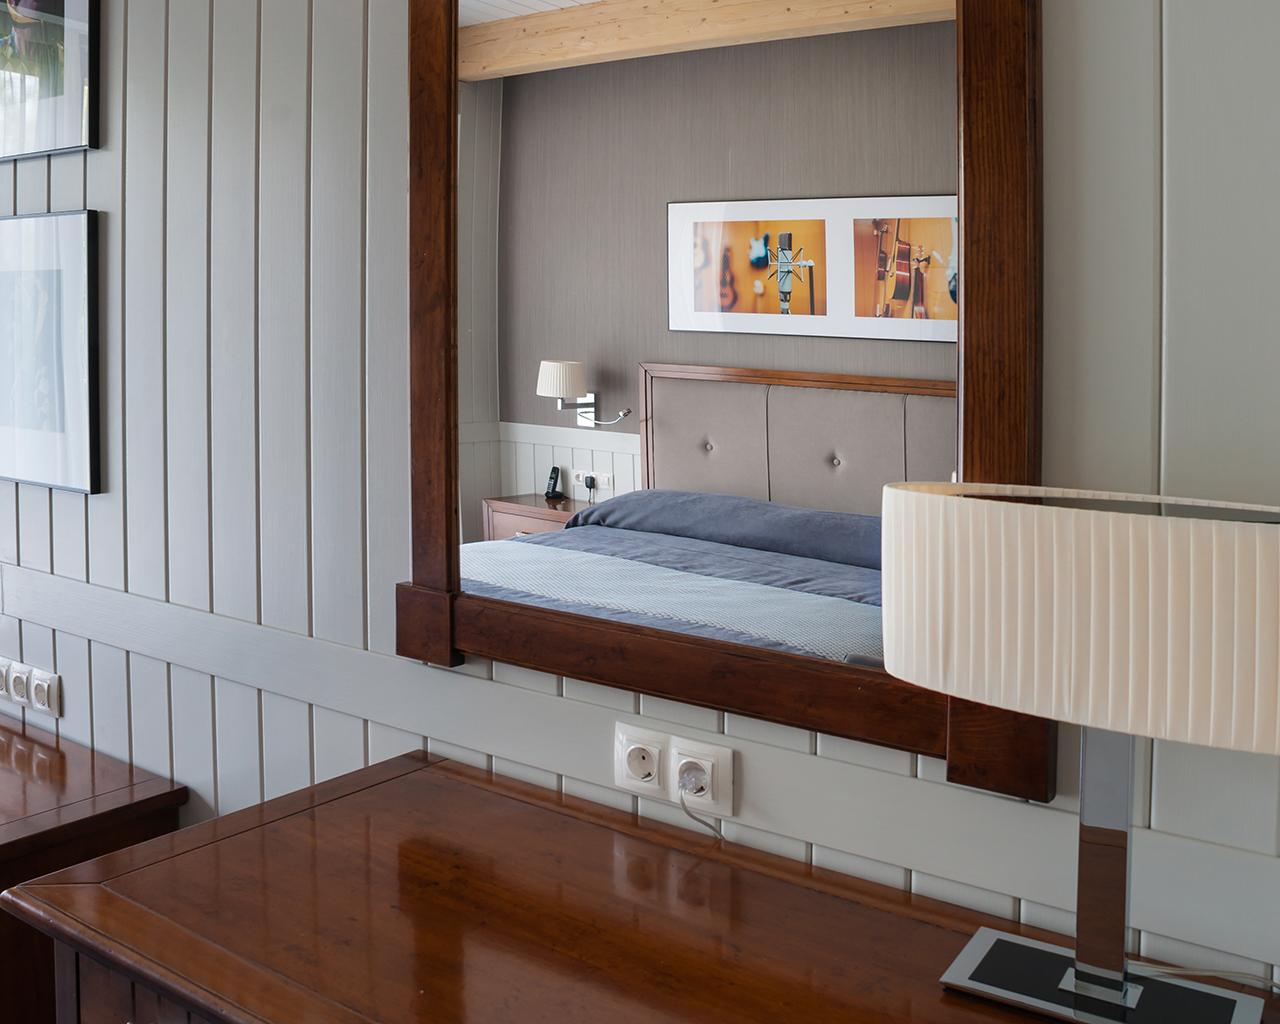 гостиницы и мотели. фотосъемка интерьеров. Кирилл Толль